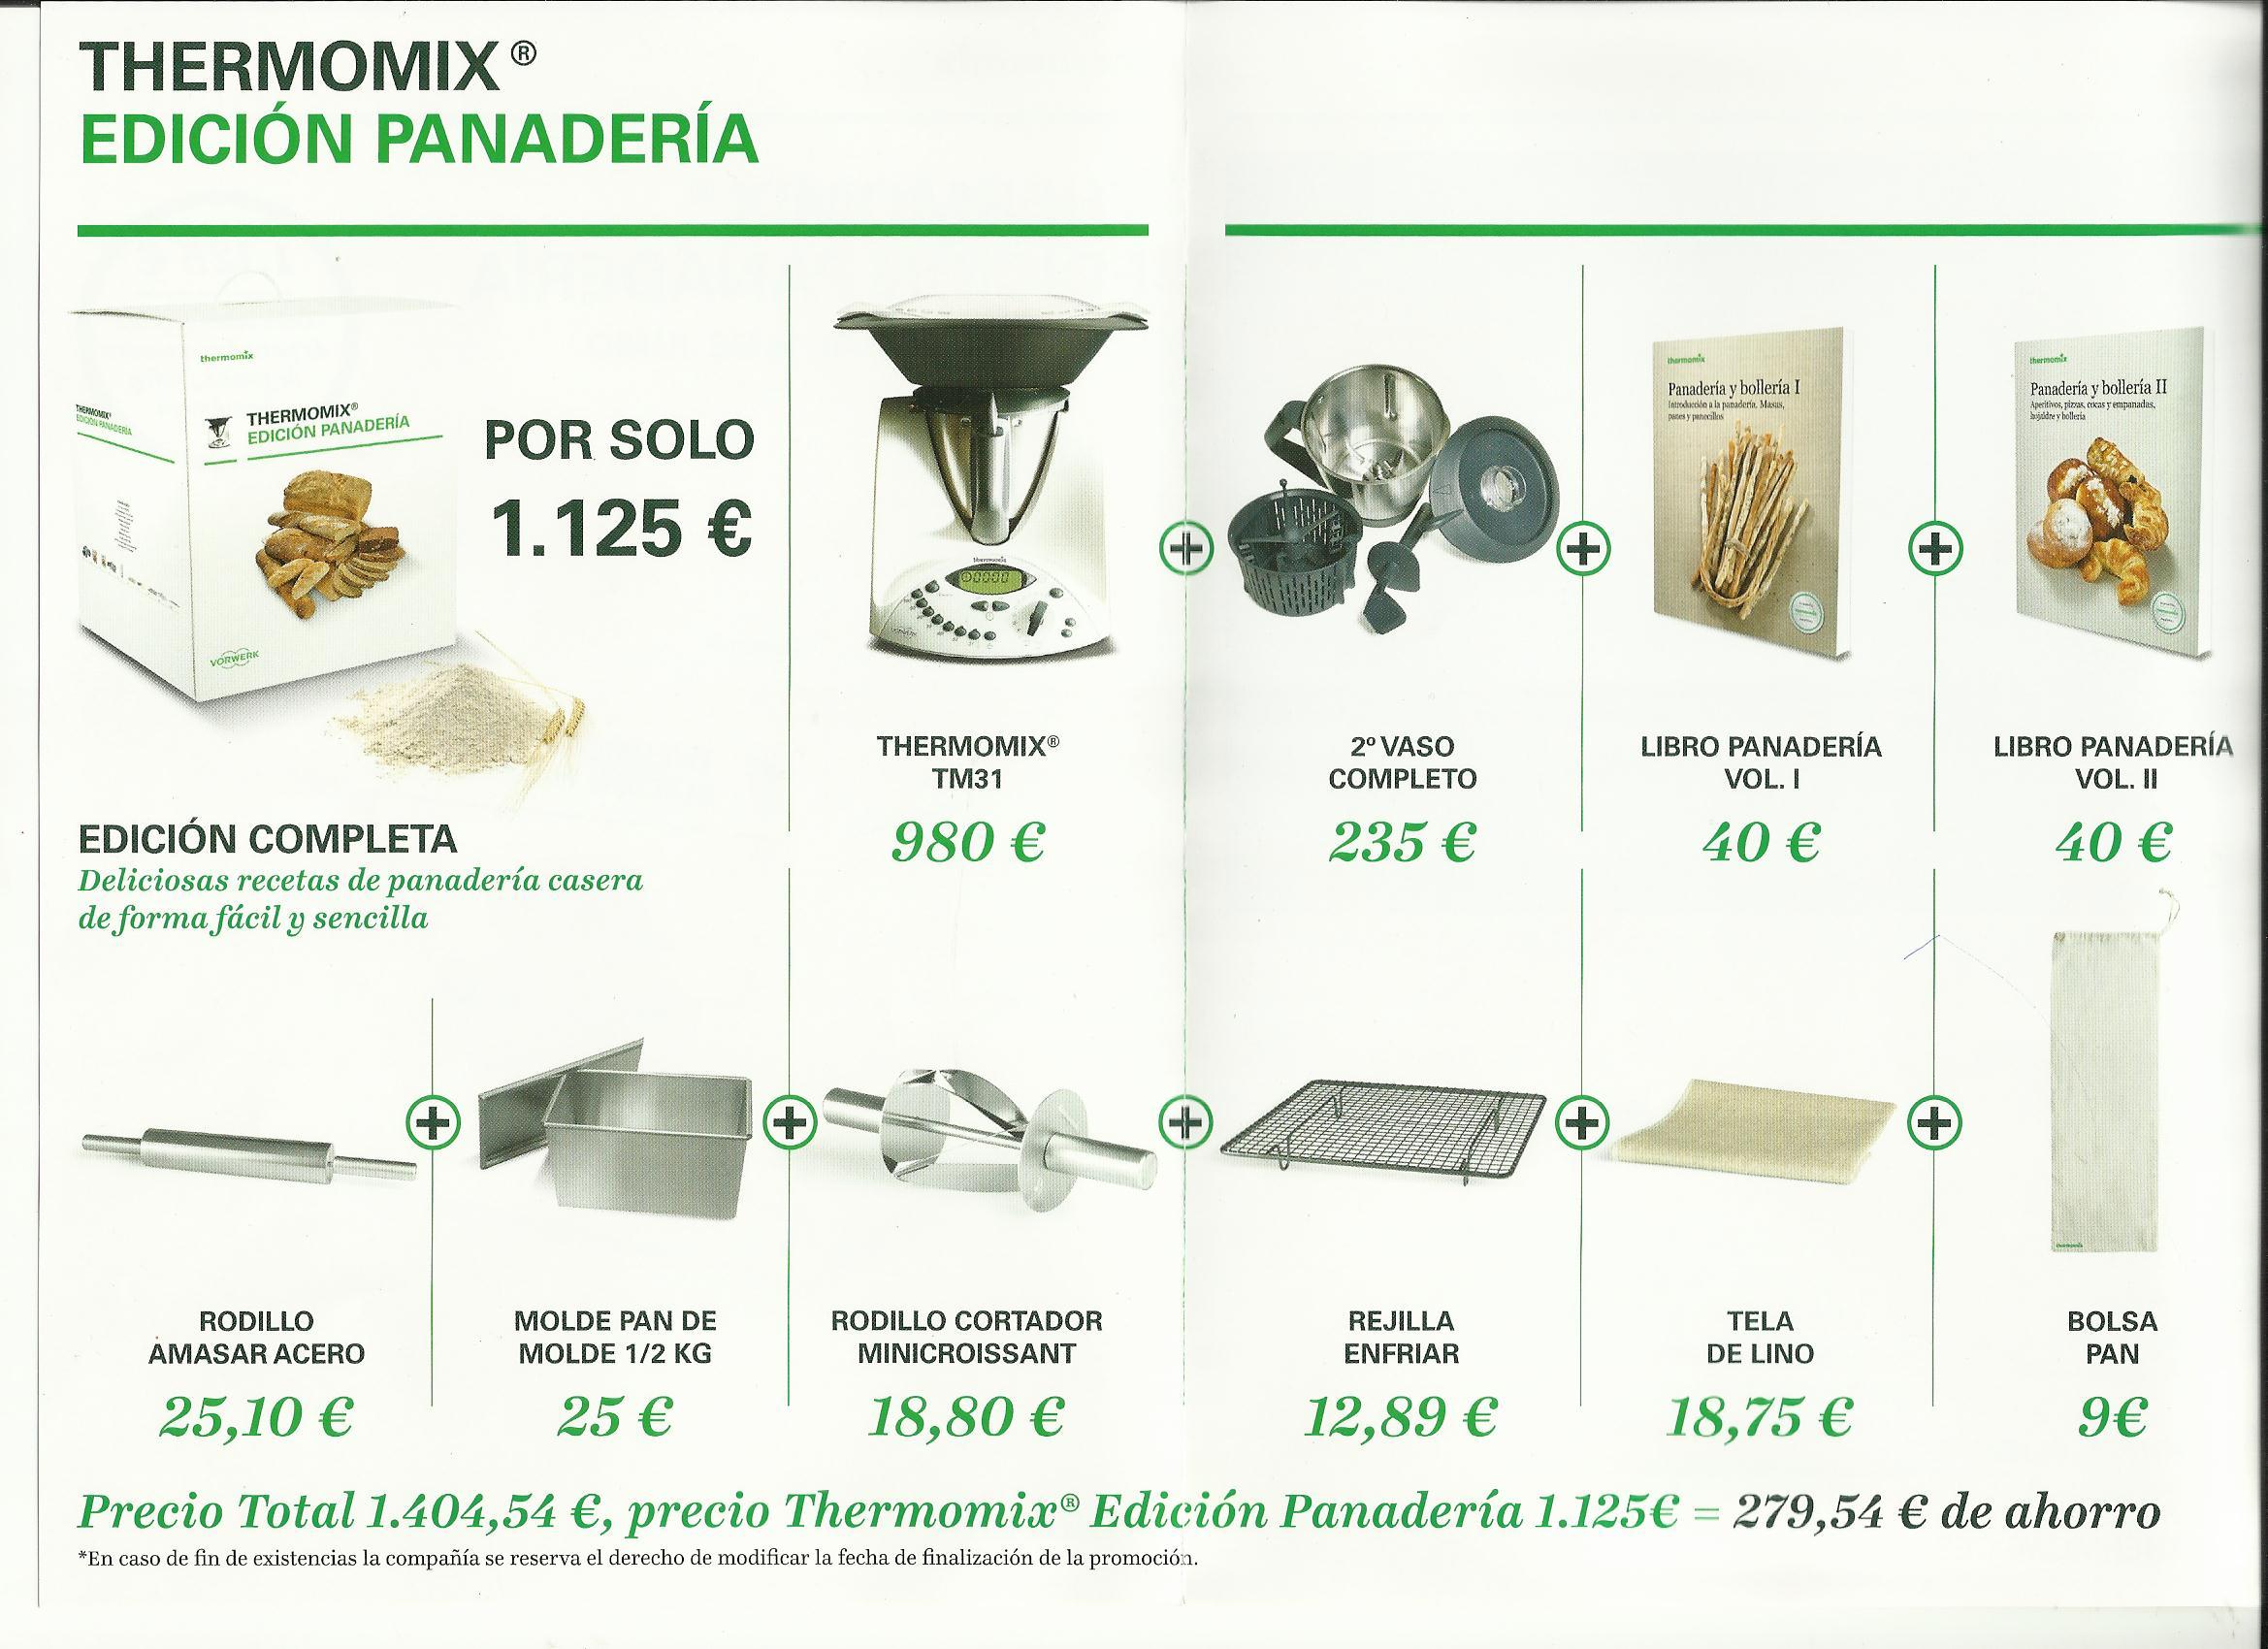 Thermomix® EDICION PANADERIA